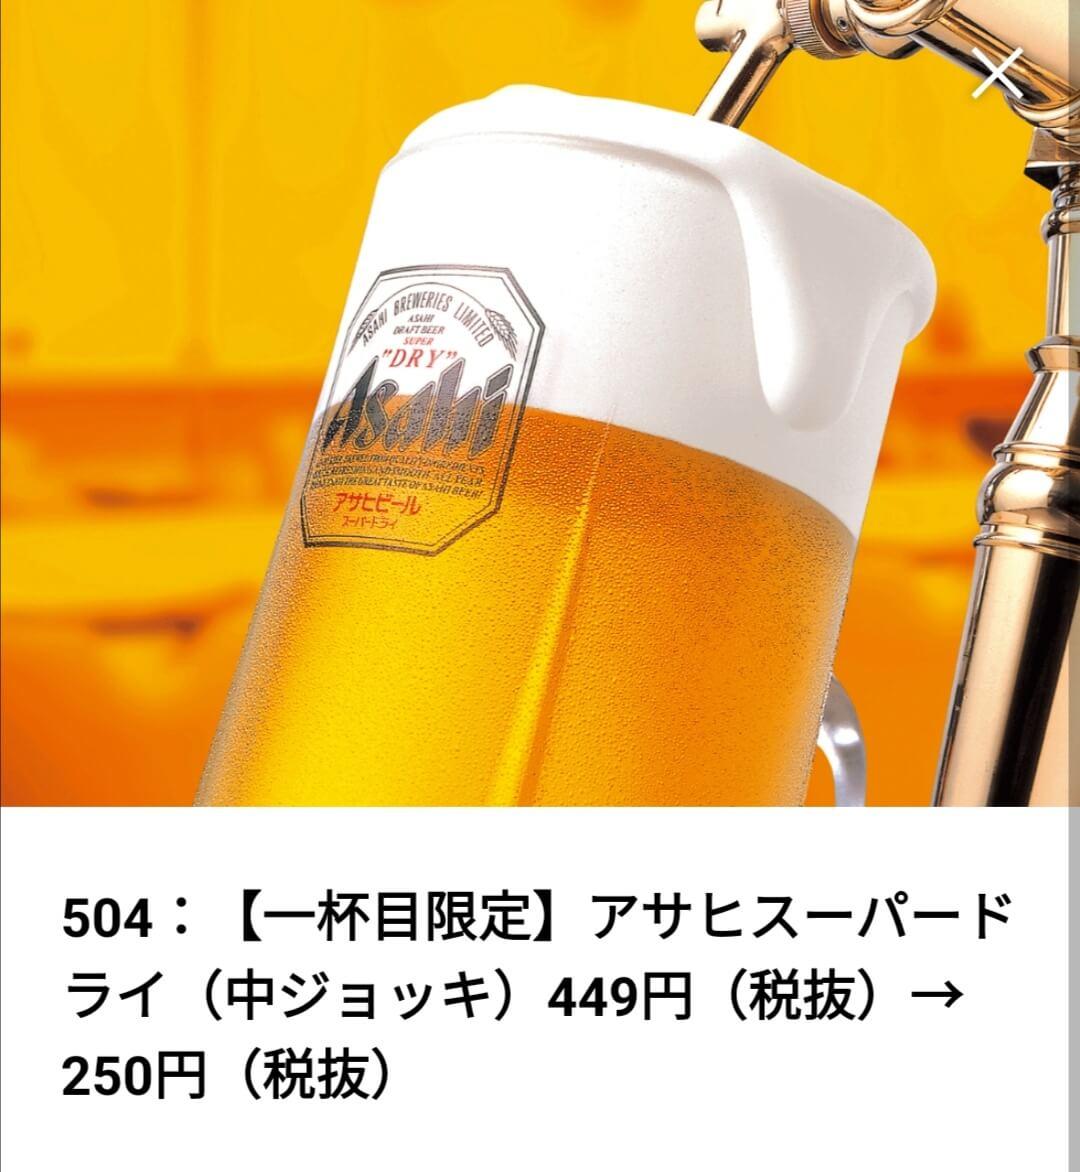 【しゃぶ葉公式アプリ】ビール割引クーポン番号